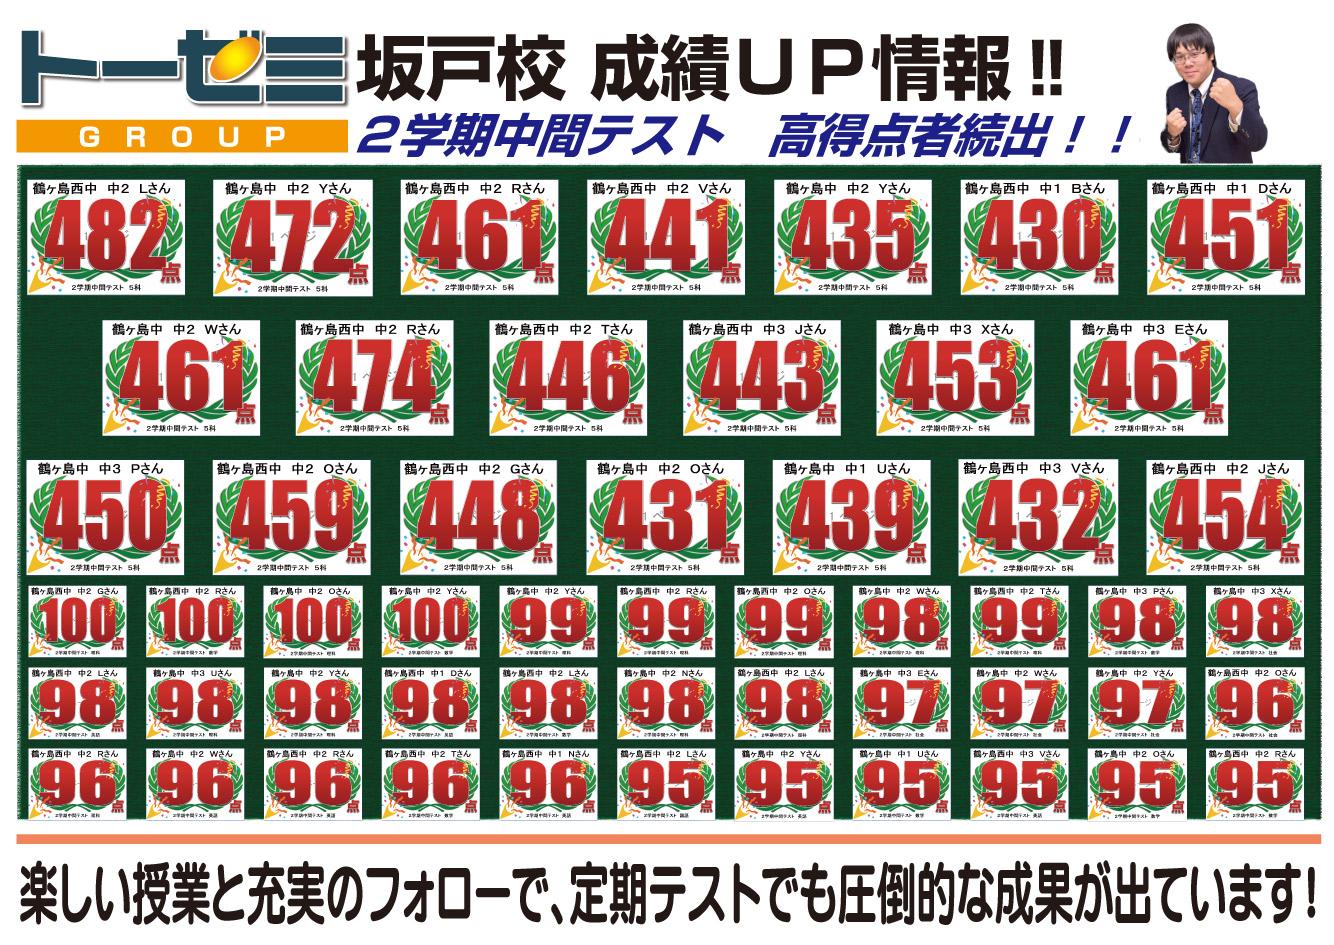 学習塾トーゼミ坂戸校 二学期中間テスト成績アップ情報!